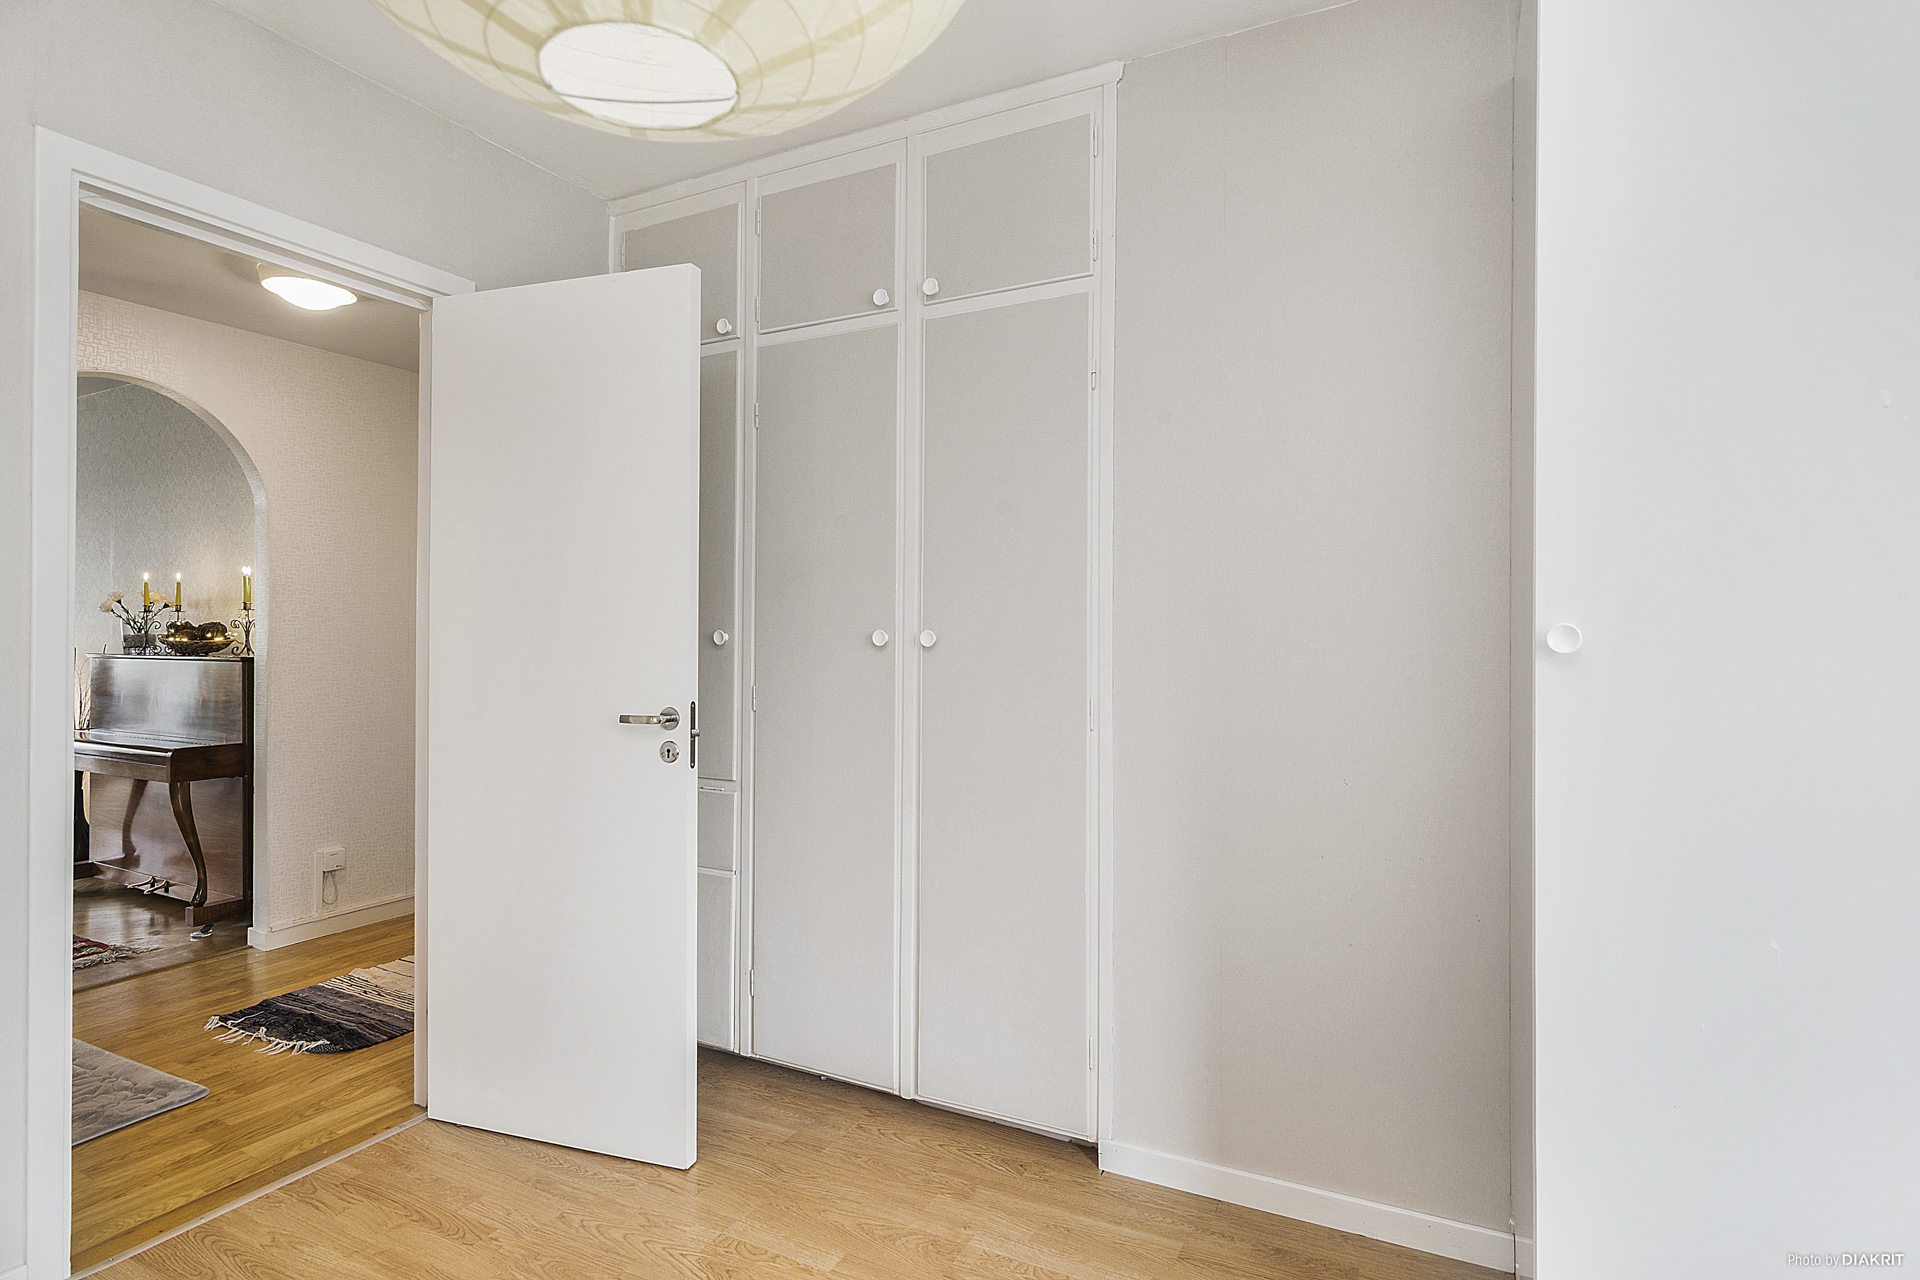 2 st lösa garderober och 3 st inbyggda garderober ger bra förvaringsmöjligheter.